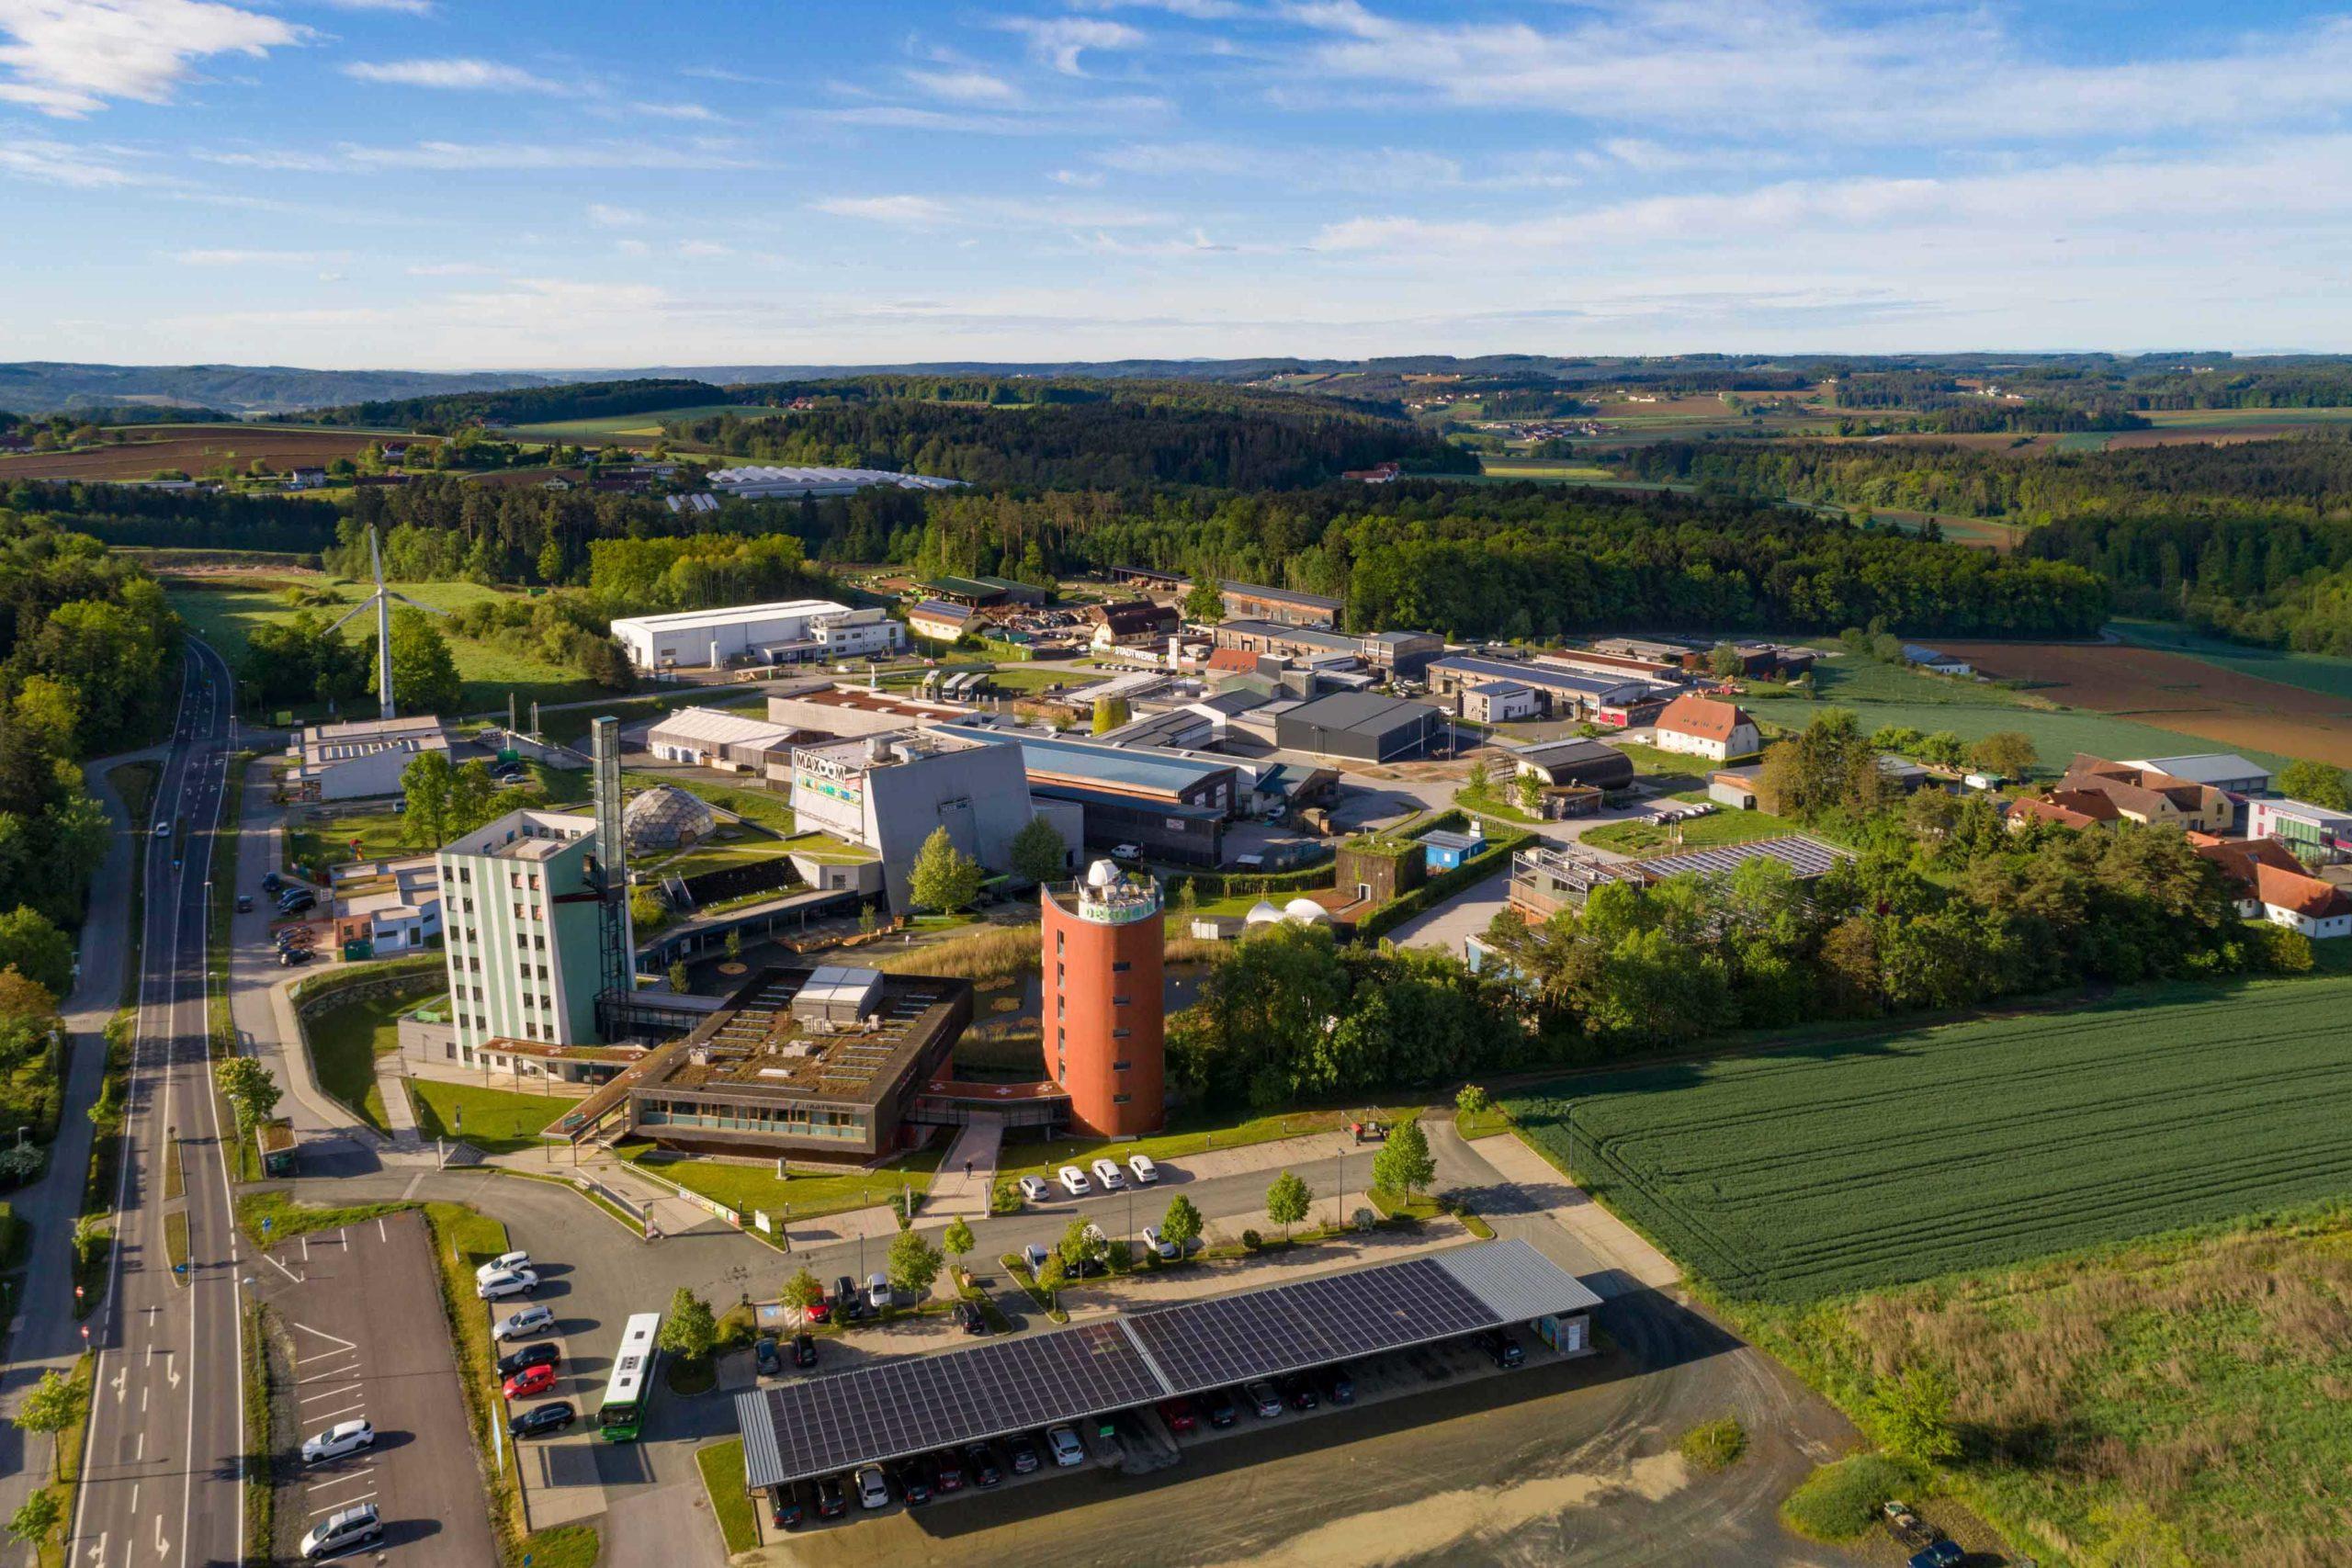 Luftbild Ökopark Hartberg Blickrichtung Stadtauswärts